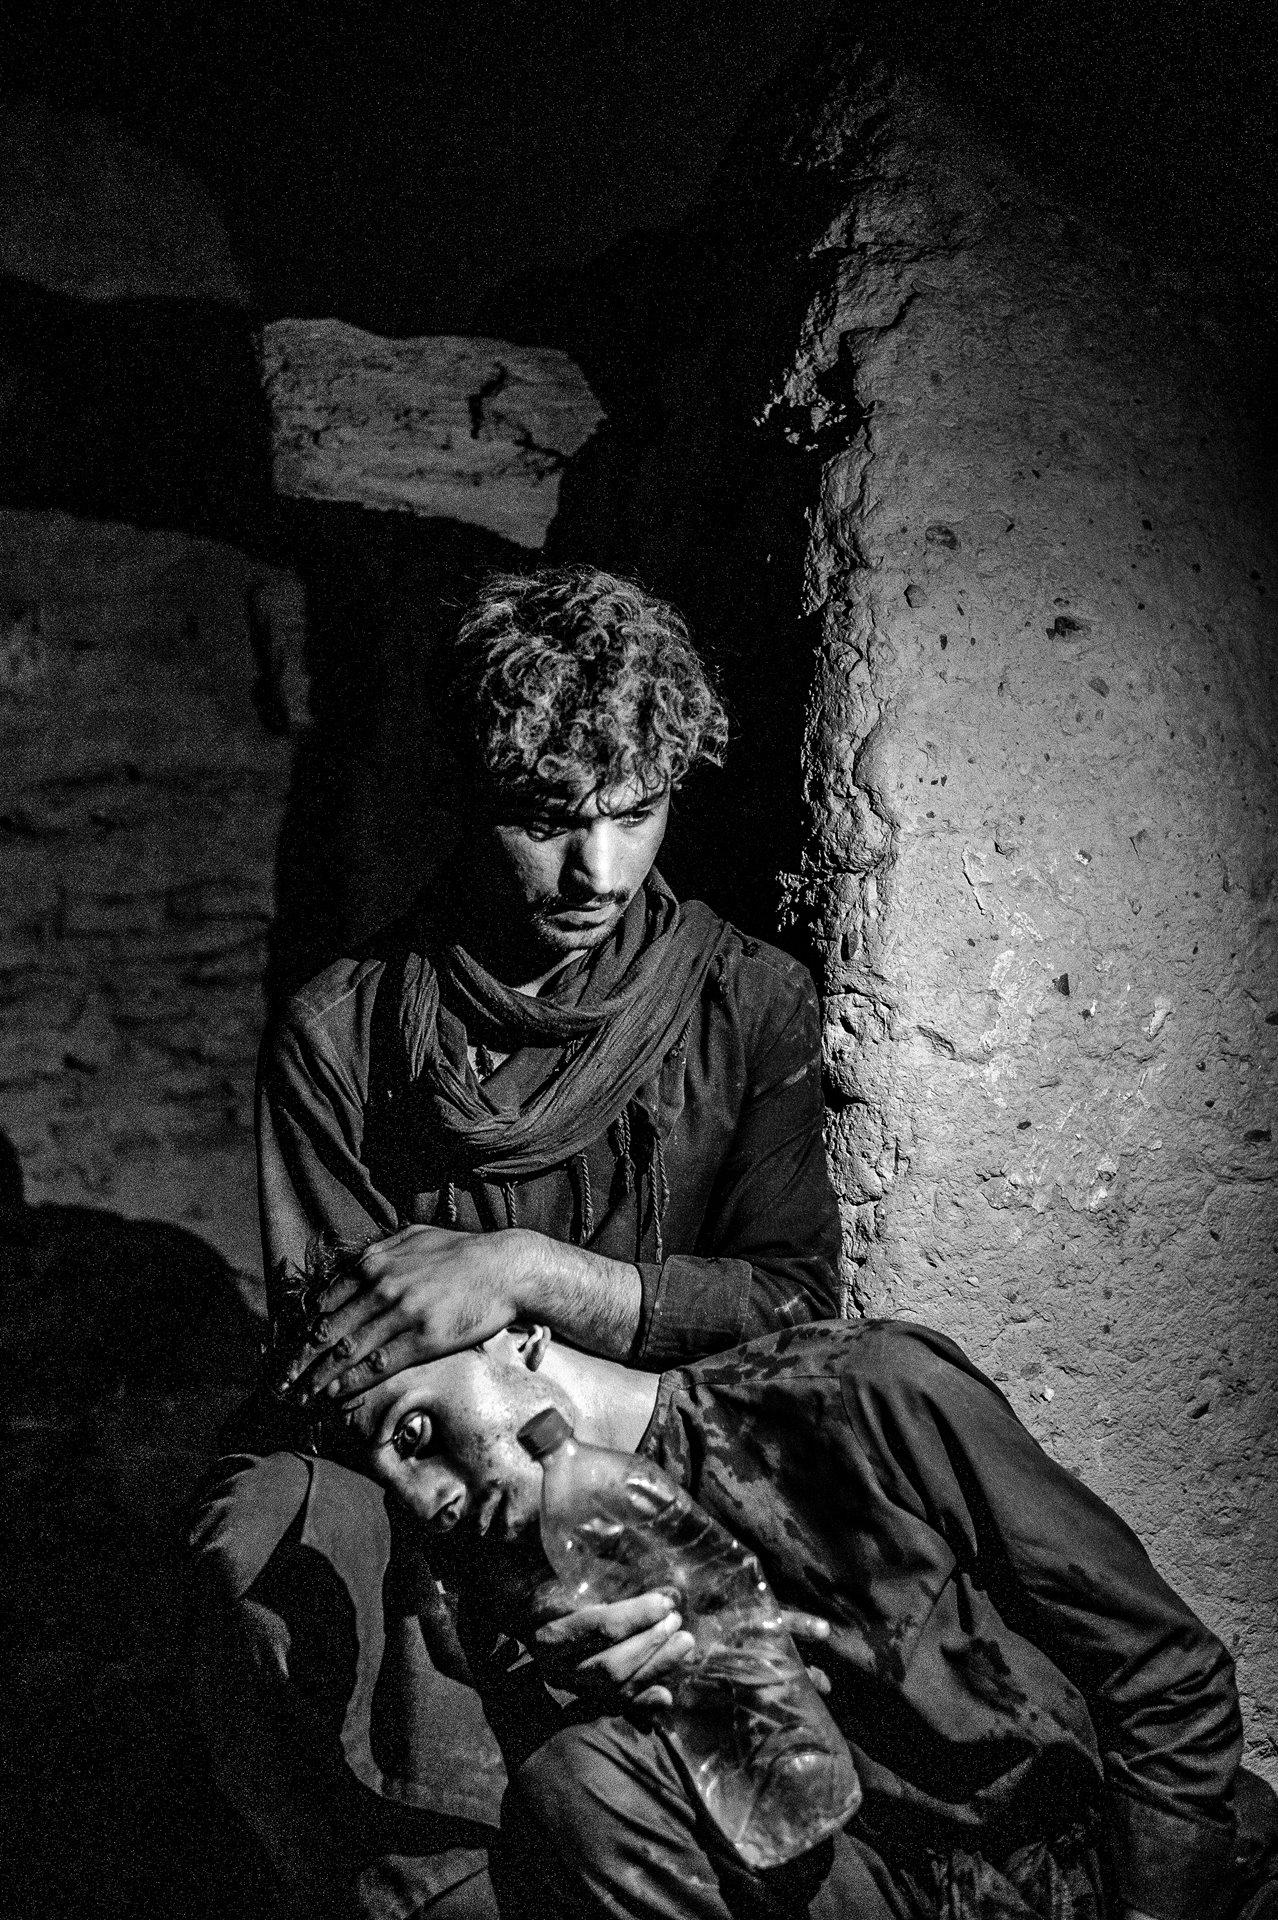 Un refugiado afgano consuela a su compañero mientras espera el transporte a través de la frontera oriental de Irán, el 27 de julio. ACNUR informa que Irán tiene casi un millón de refugiados registrados, la gran mayoría de Afganistán / Foto: Enayat Asadi